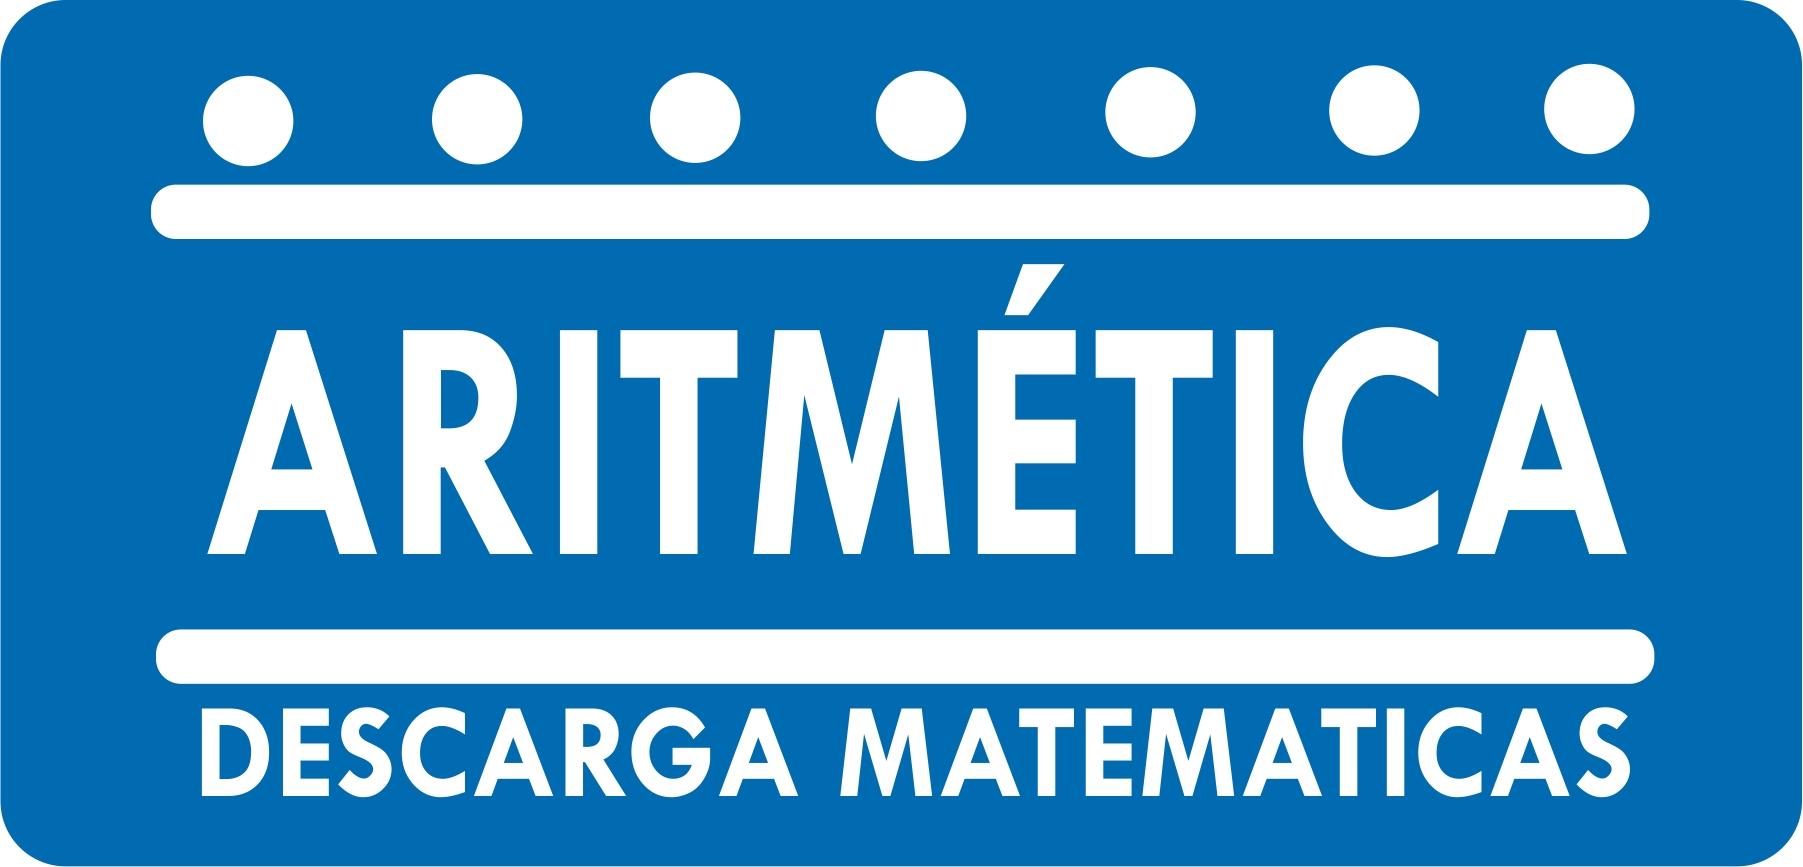 descarga matematicas aritmetica